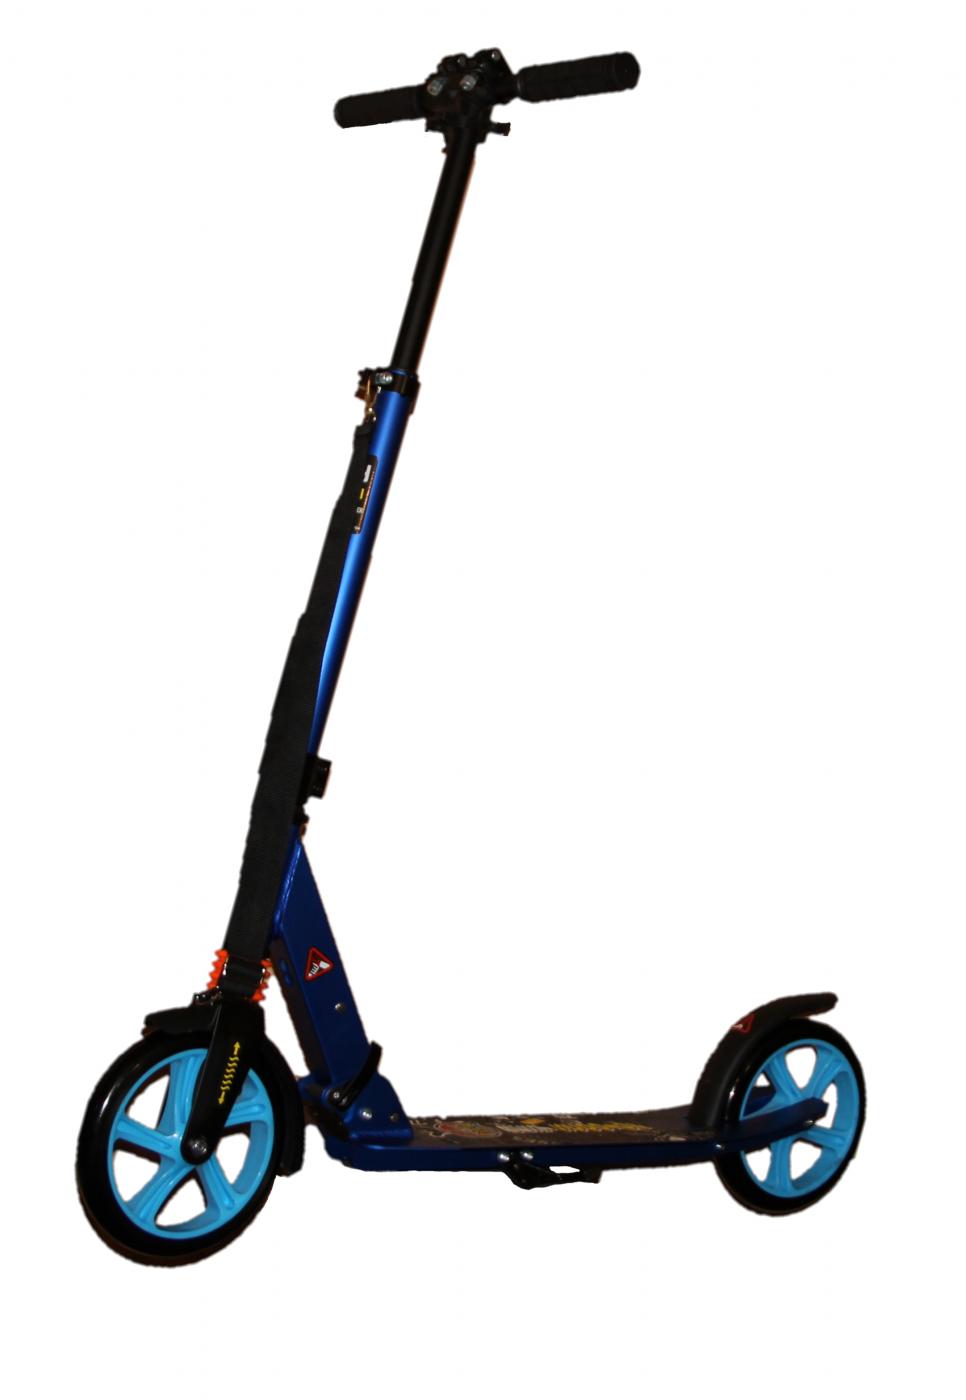 Самокат для взрослых и подростков складной алюминиевый  двухколесный City Riding 200 mm.